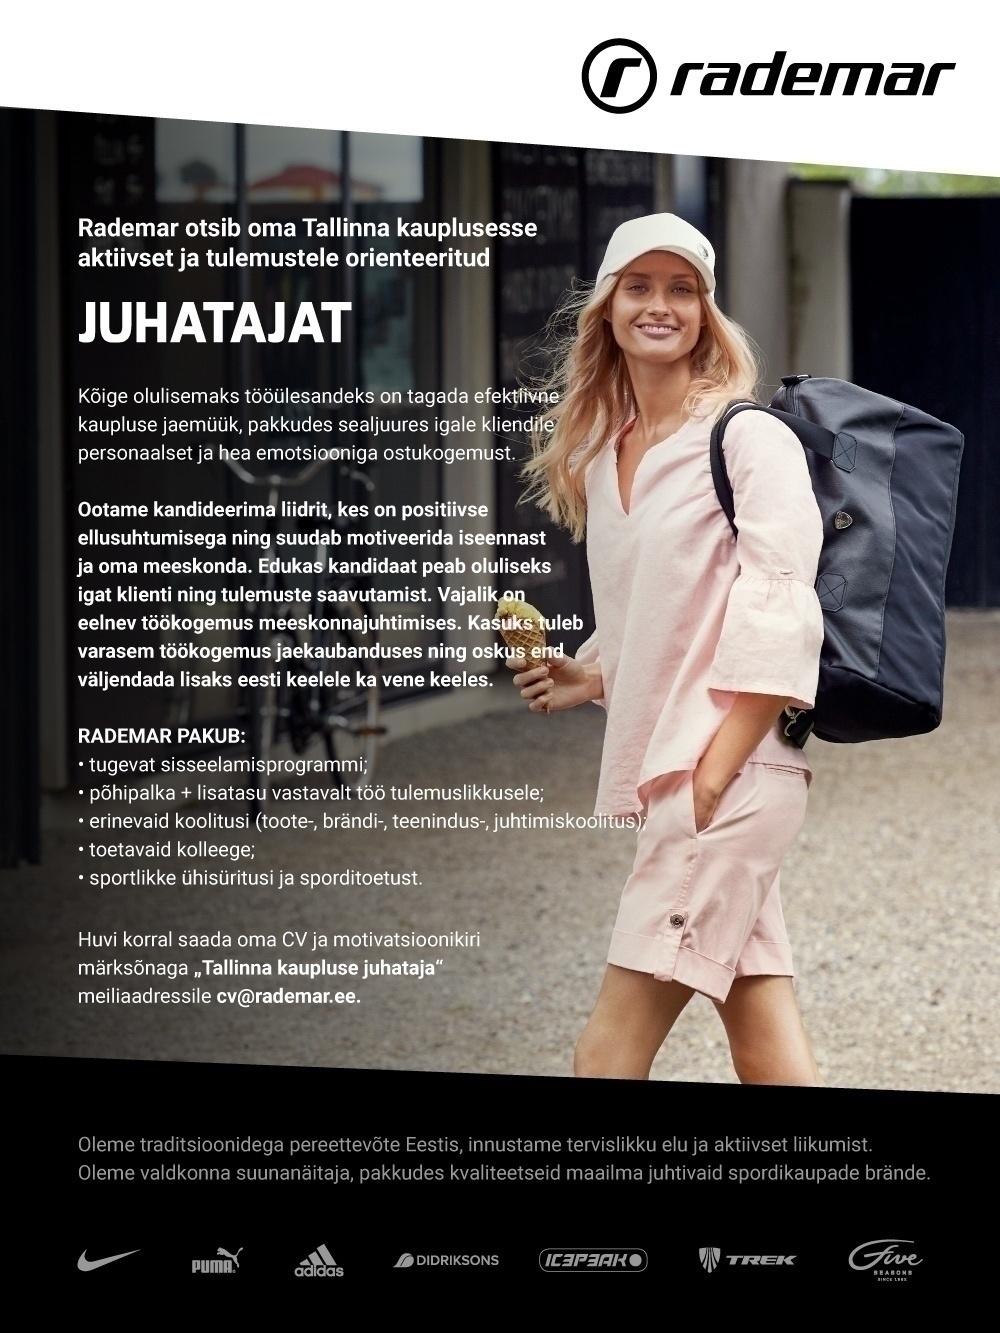 e7b0bba878c CV Keskus tööpakkumine OÜ Rademar Kaupluse juhataja Järve Rademari